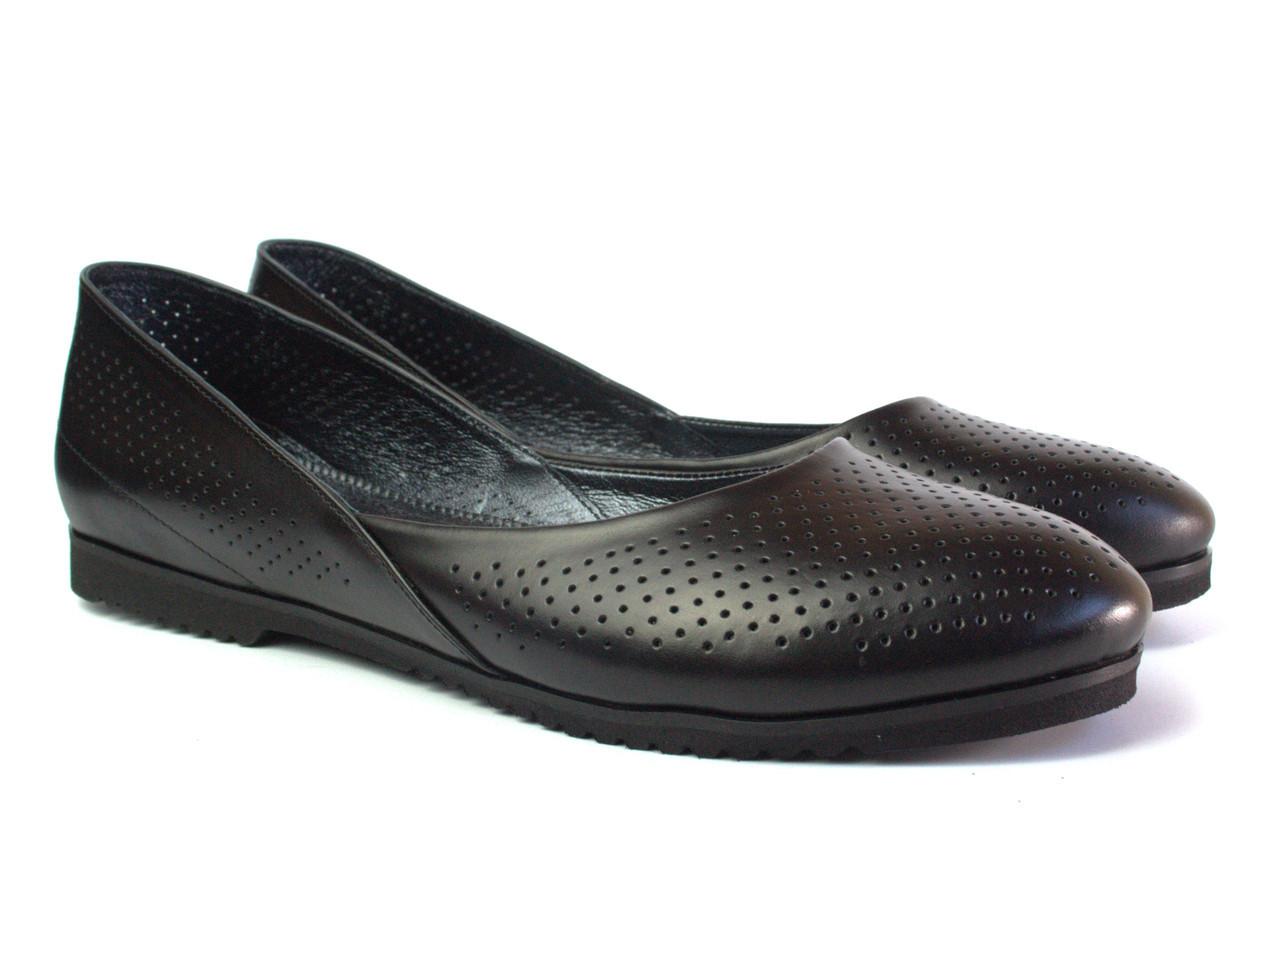 Черные балетки кожаные женская обувь Scara U Black Perf Leather by Rosso Avangard летние с перфорацией